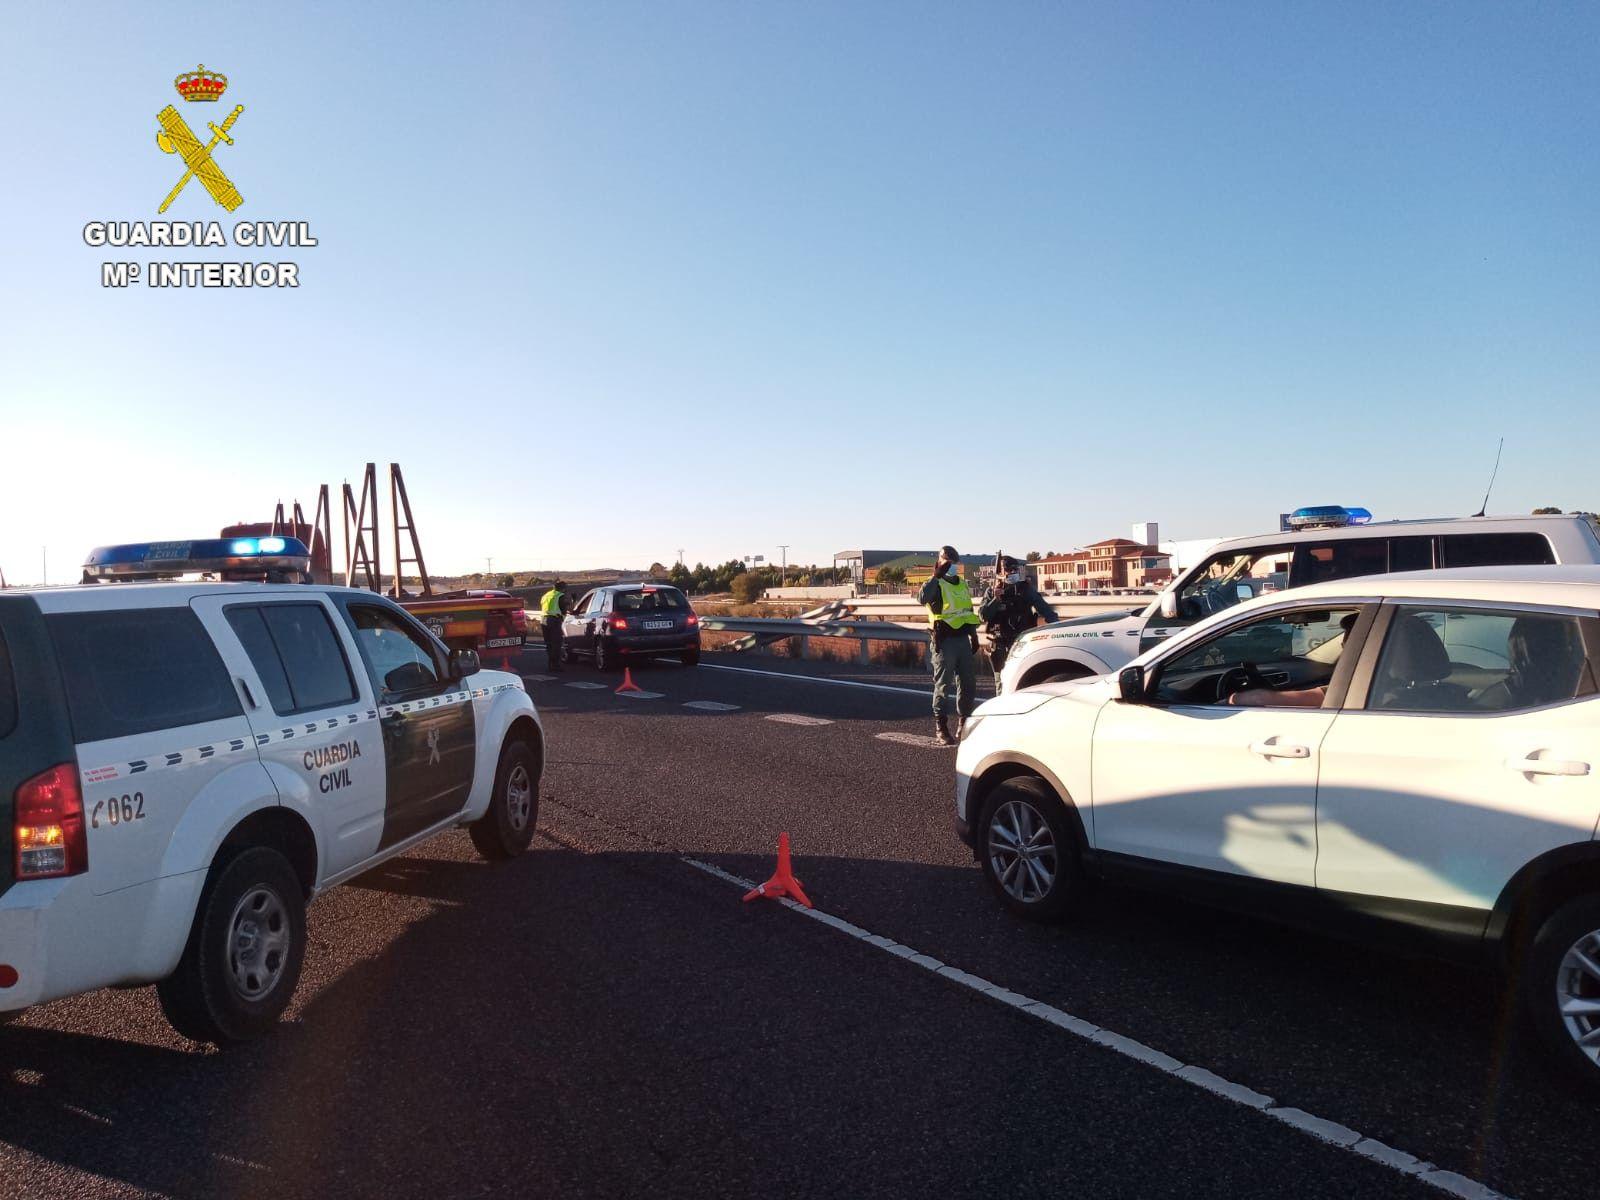 La Guardia Civil realiza controles perimetrales en la provincia de Cuenca